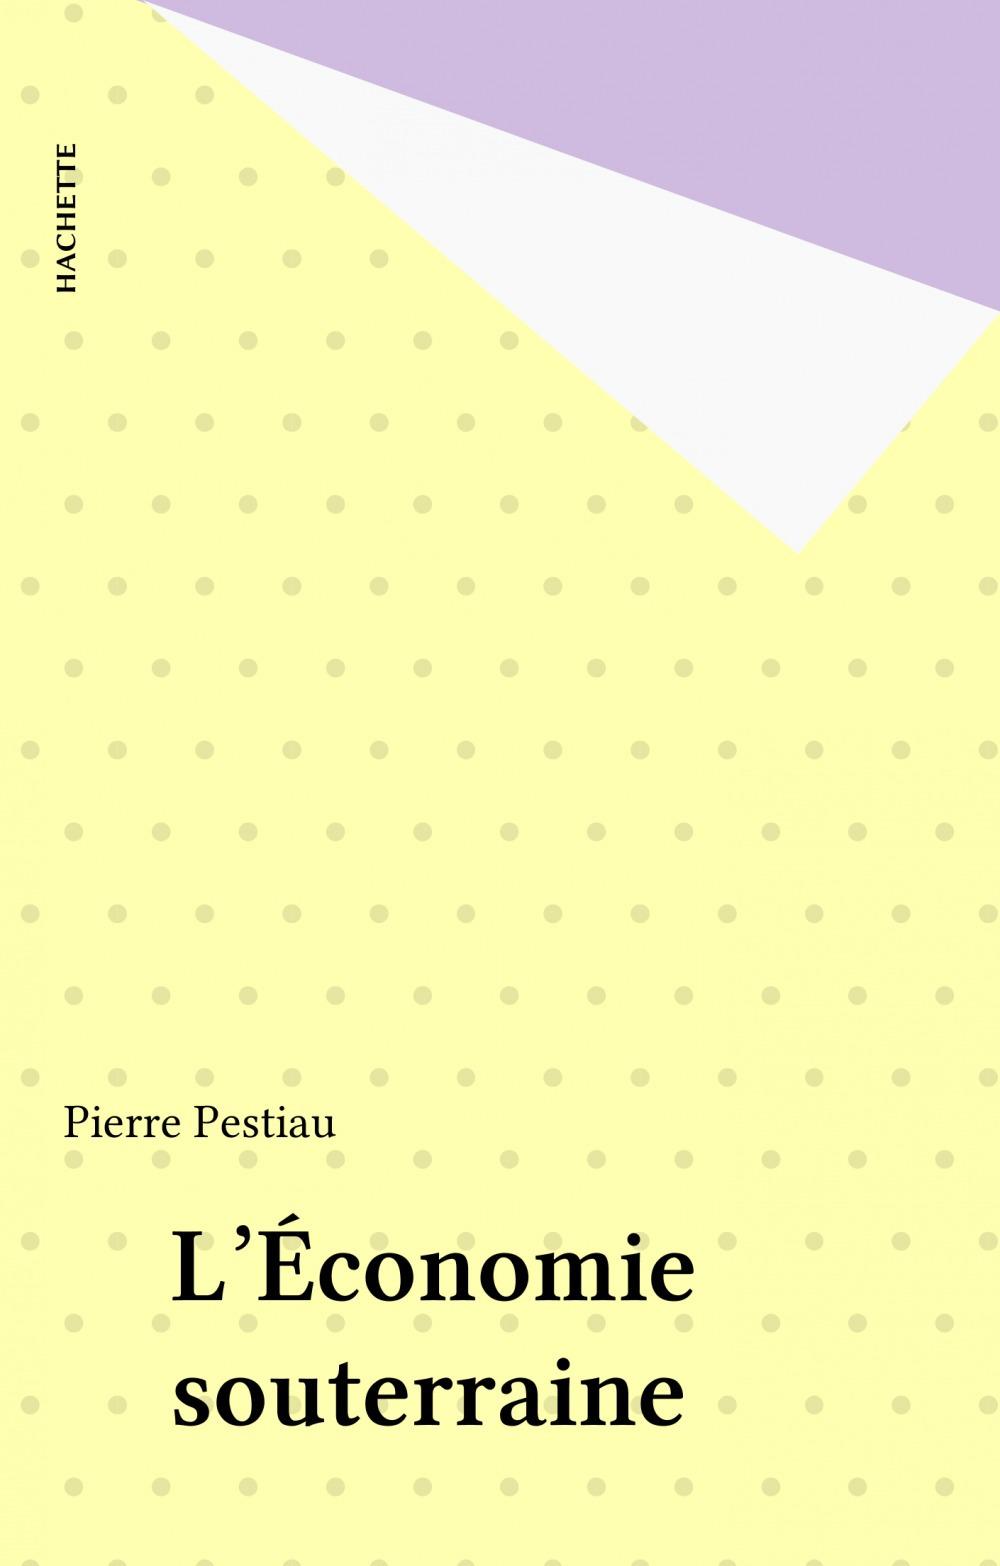 L'economie souterraine